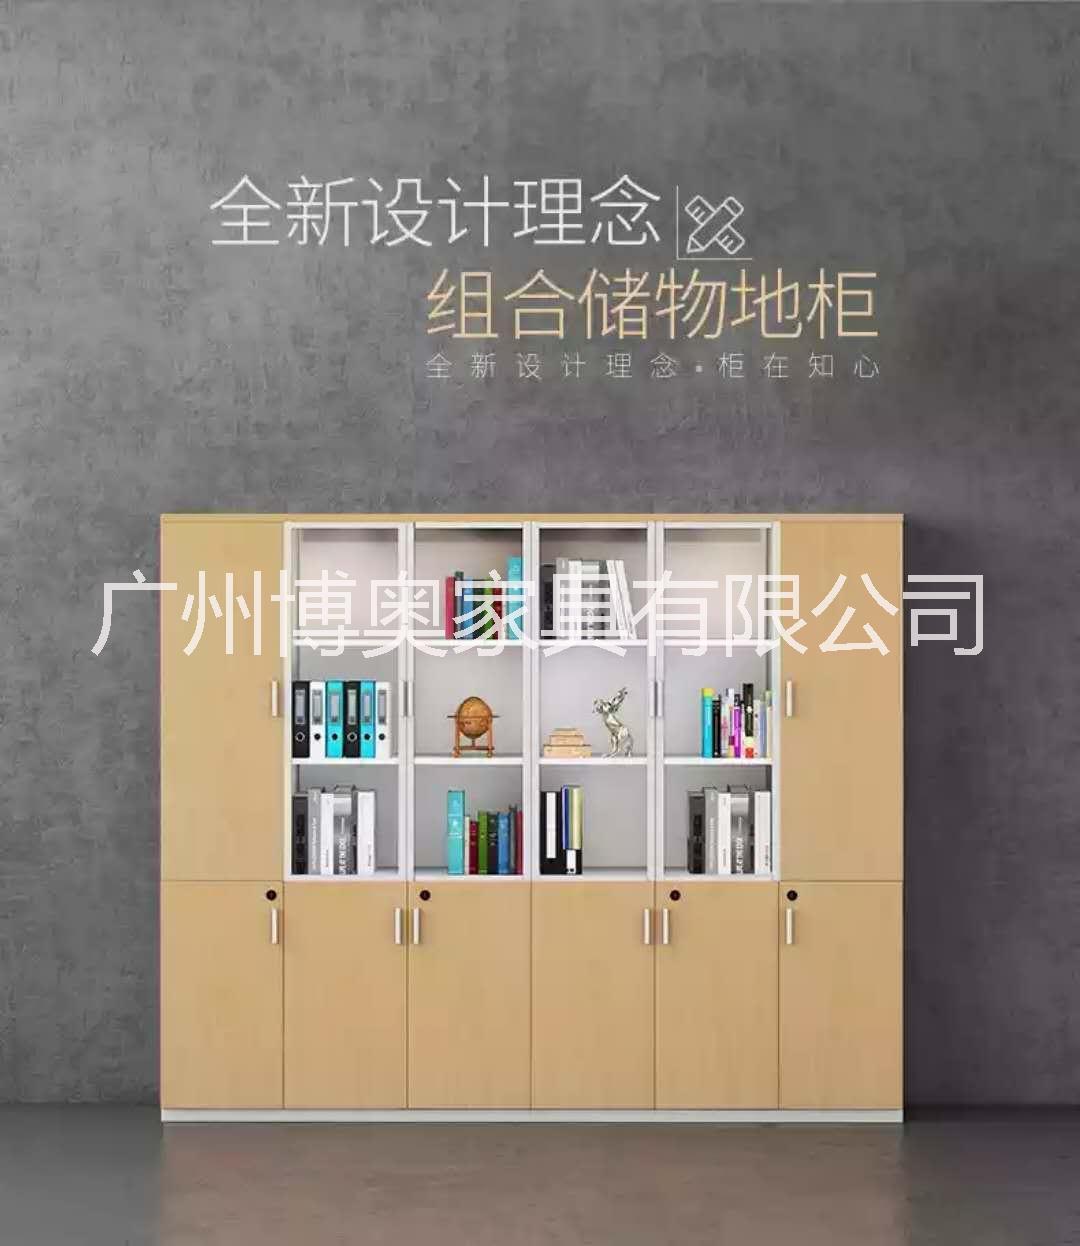 文件柜资料柜档案柜板式移动柜板式家具办公室移动式文件柜掩门玻璃门柜